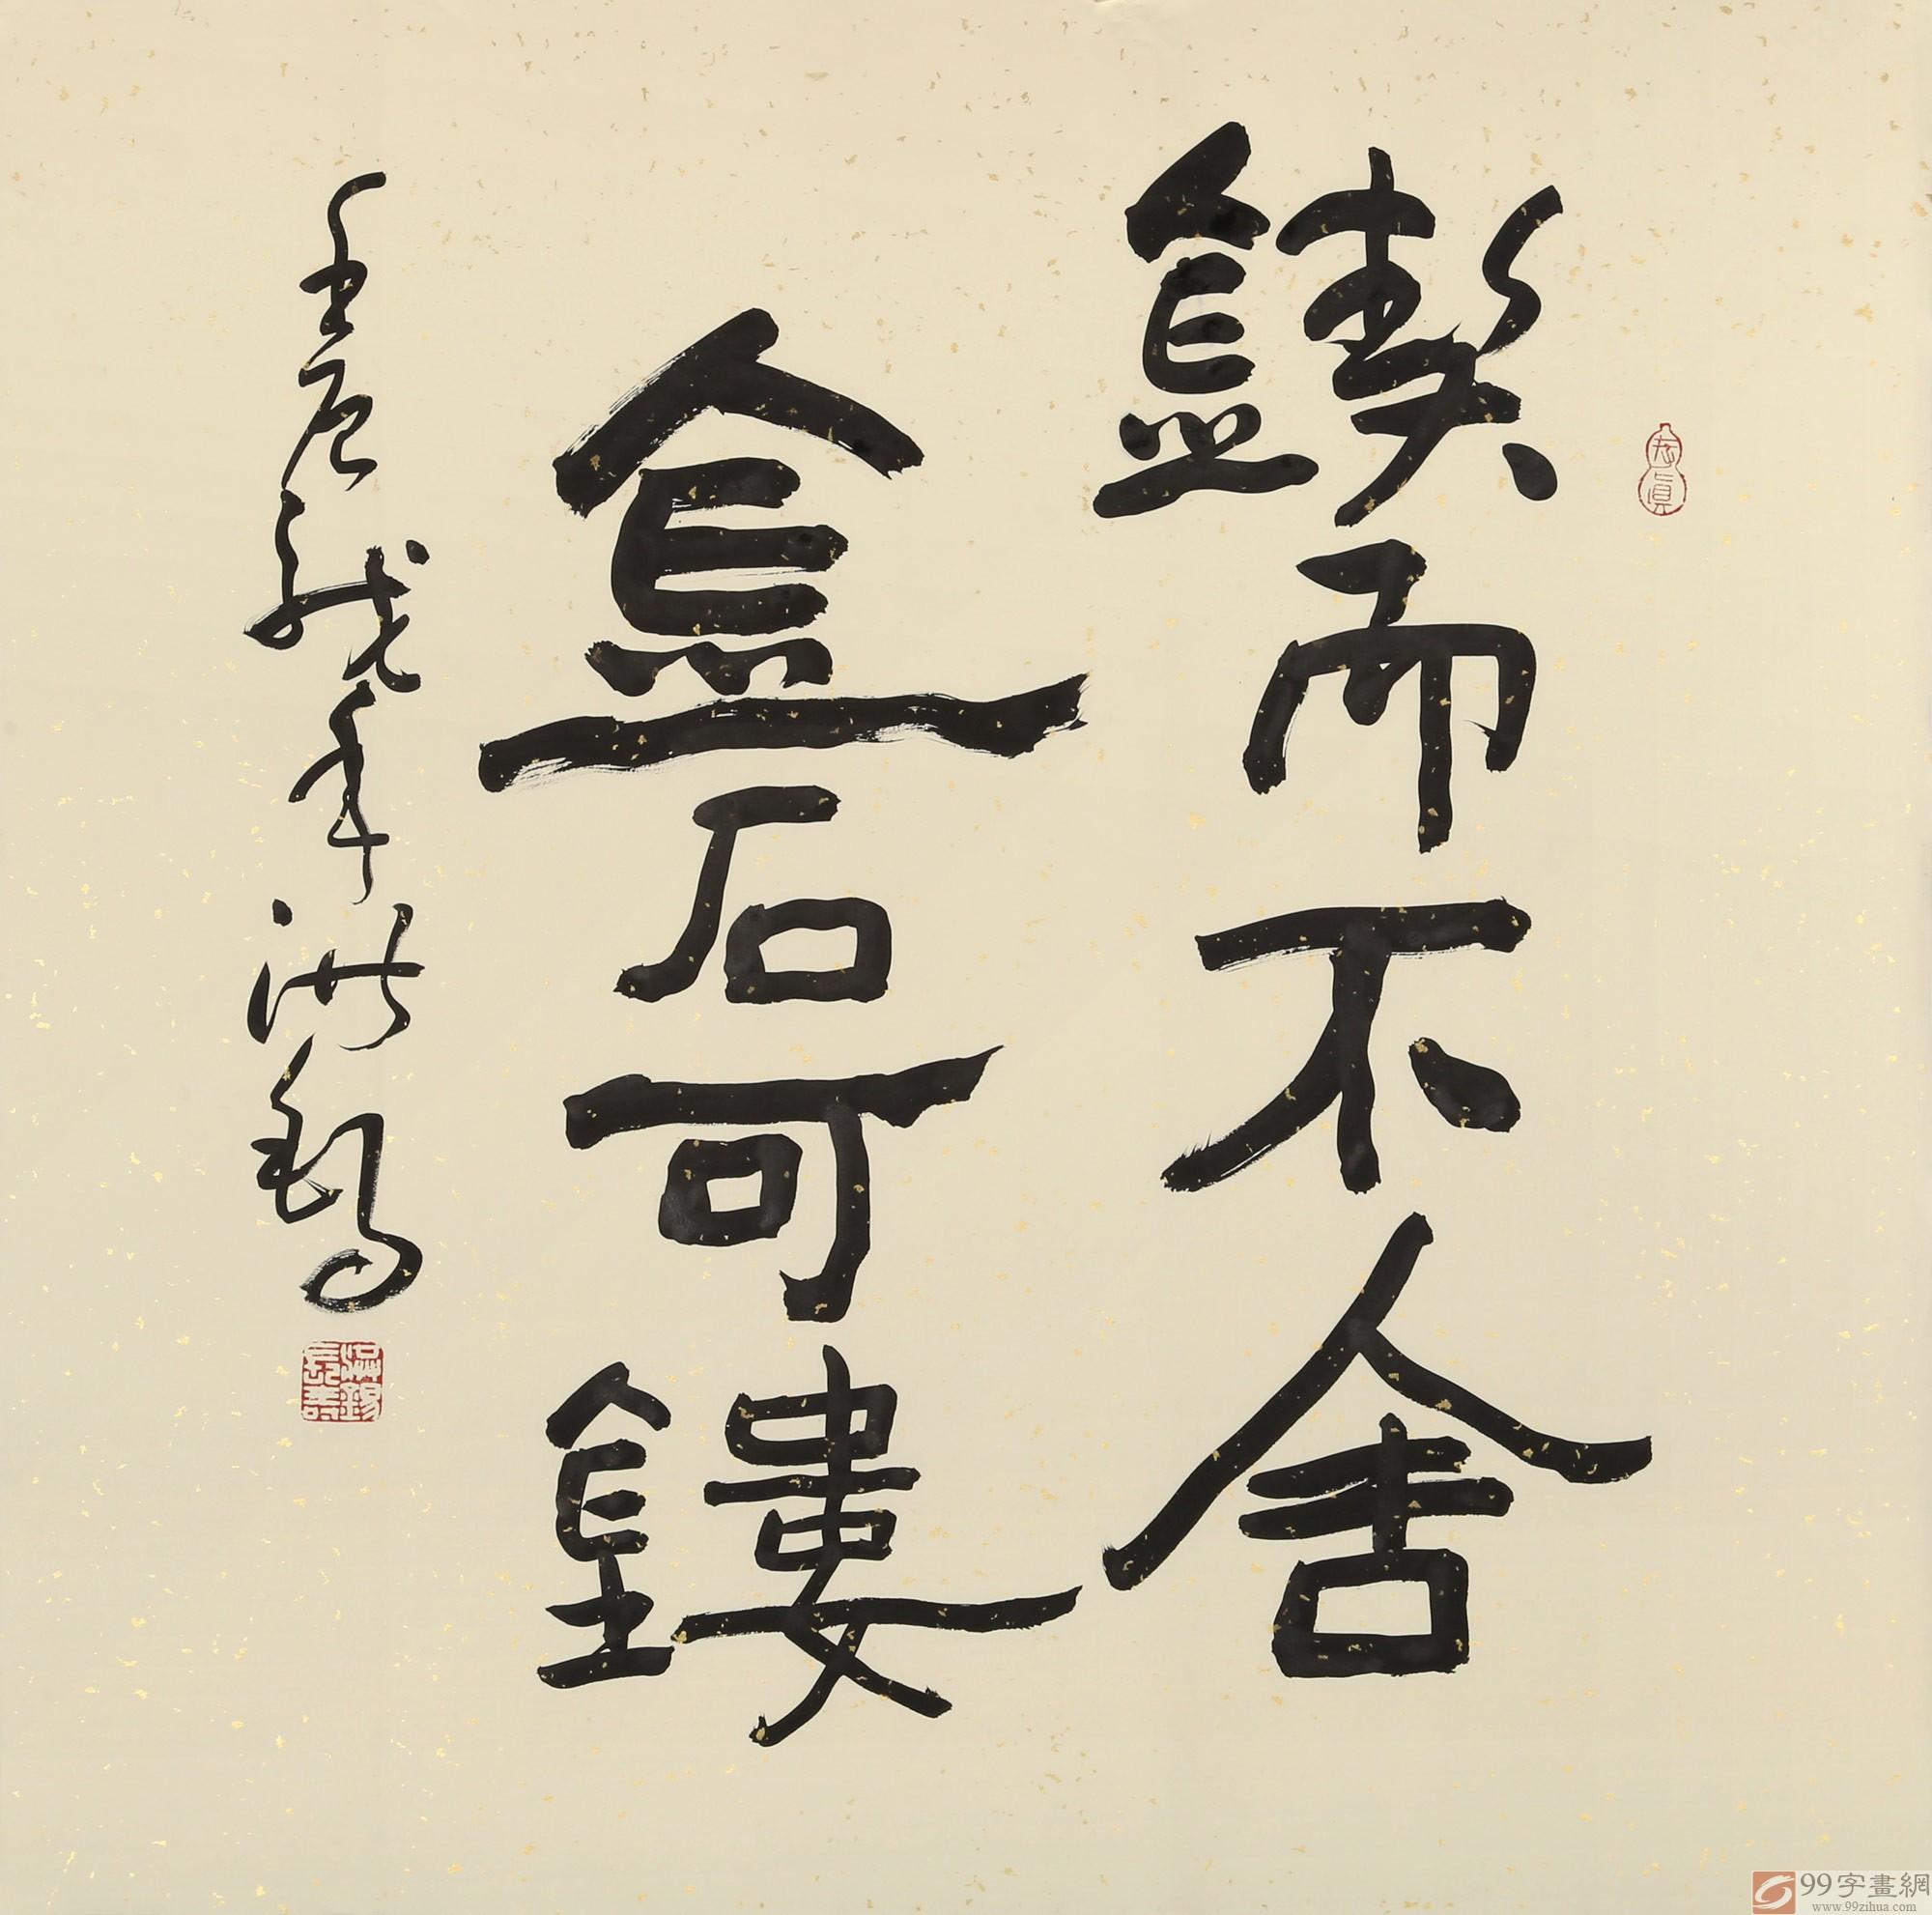 书法名家王洪锡 四尺斗方 锲而不舍金石可镂 书法作品 -中国书画家协